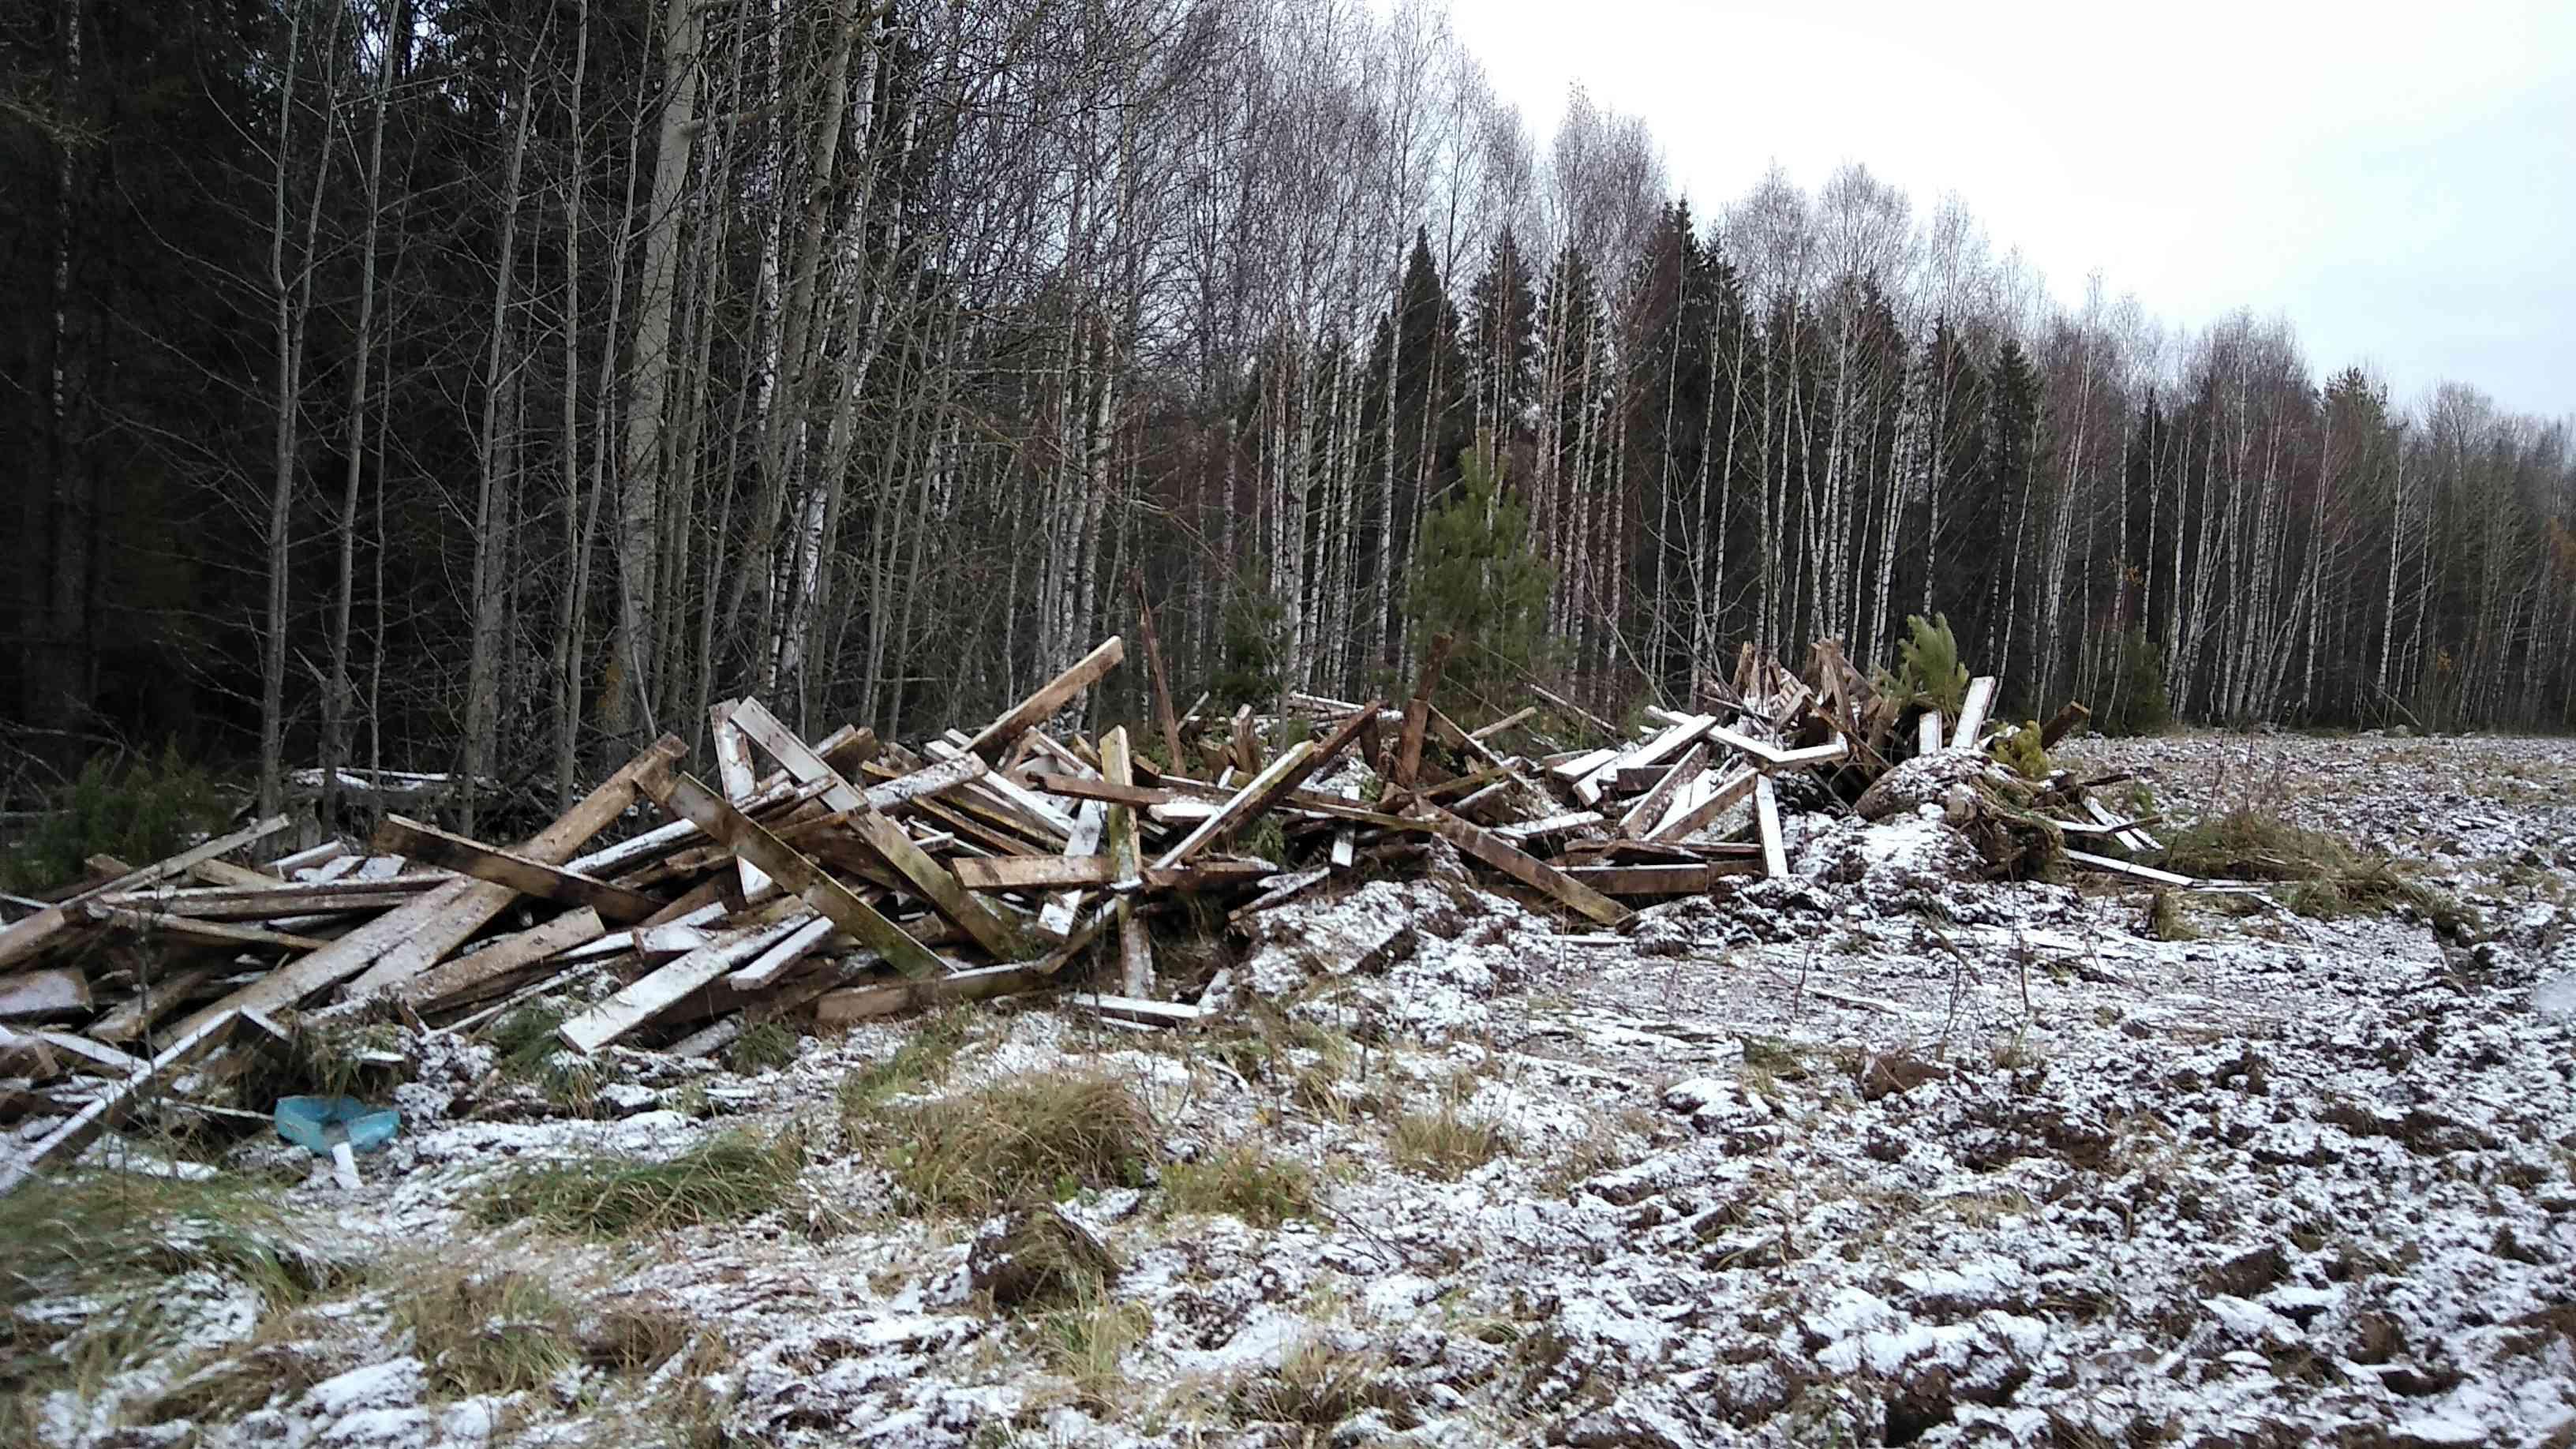 Из 270 несанкционированных свалок в Кировской области ликвидировали только 100